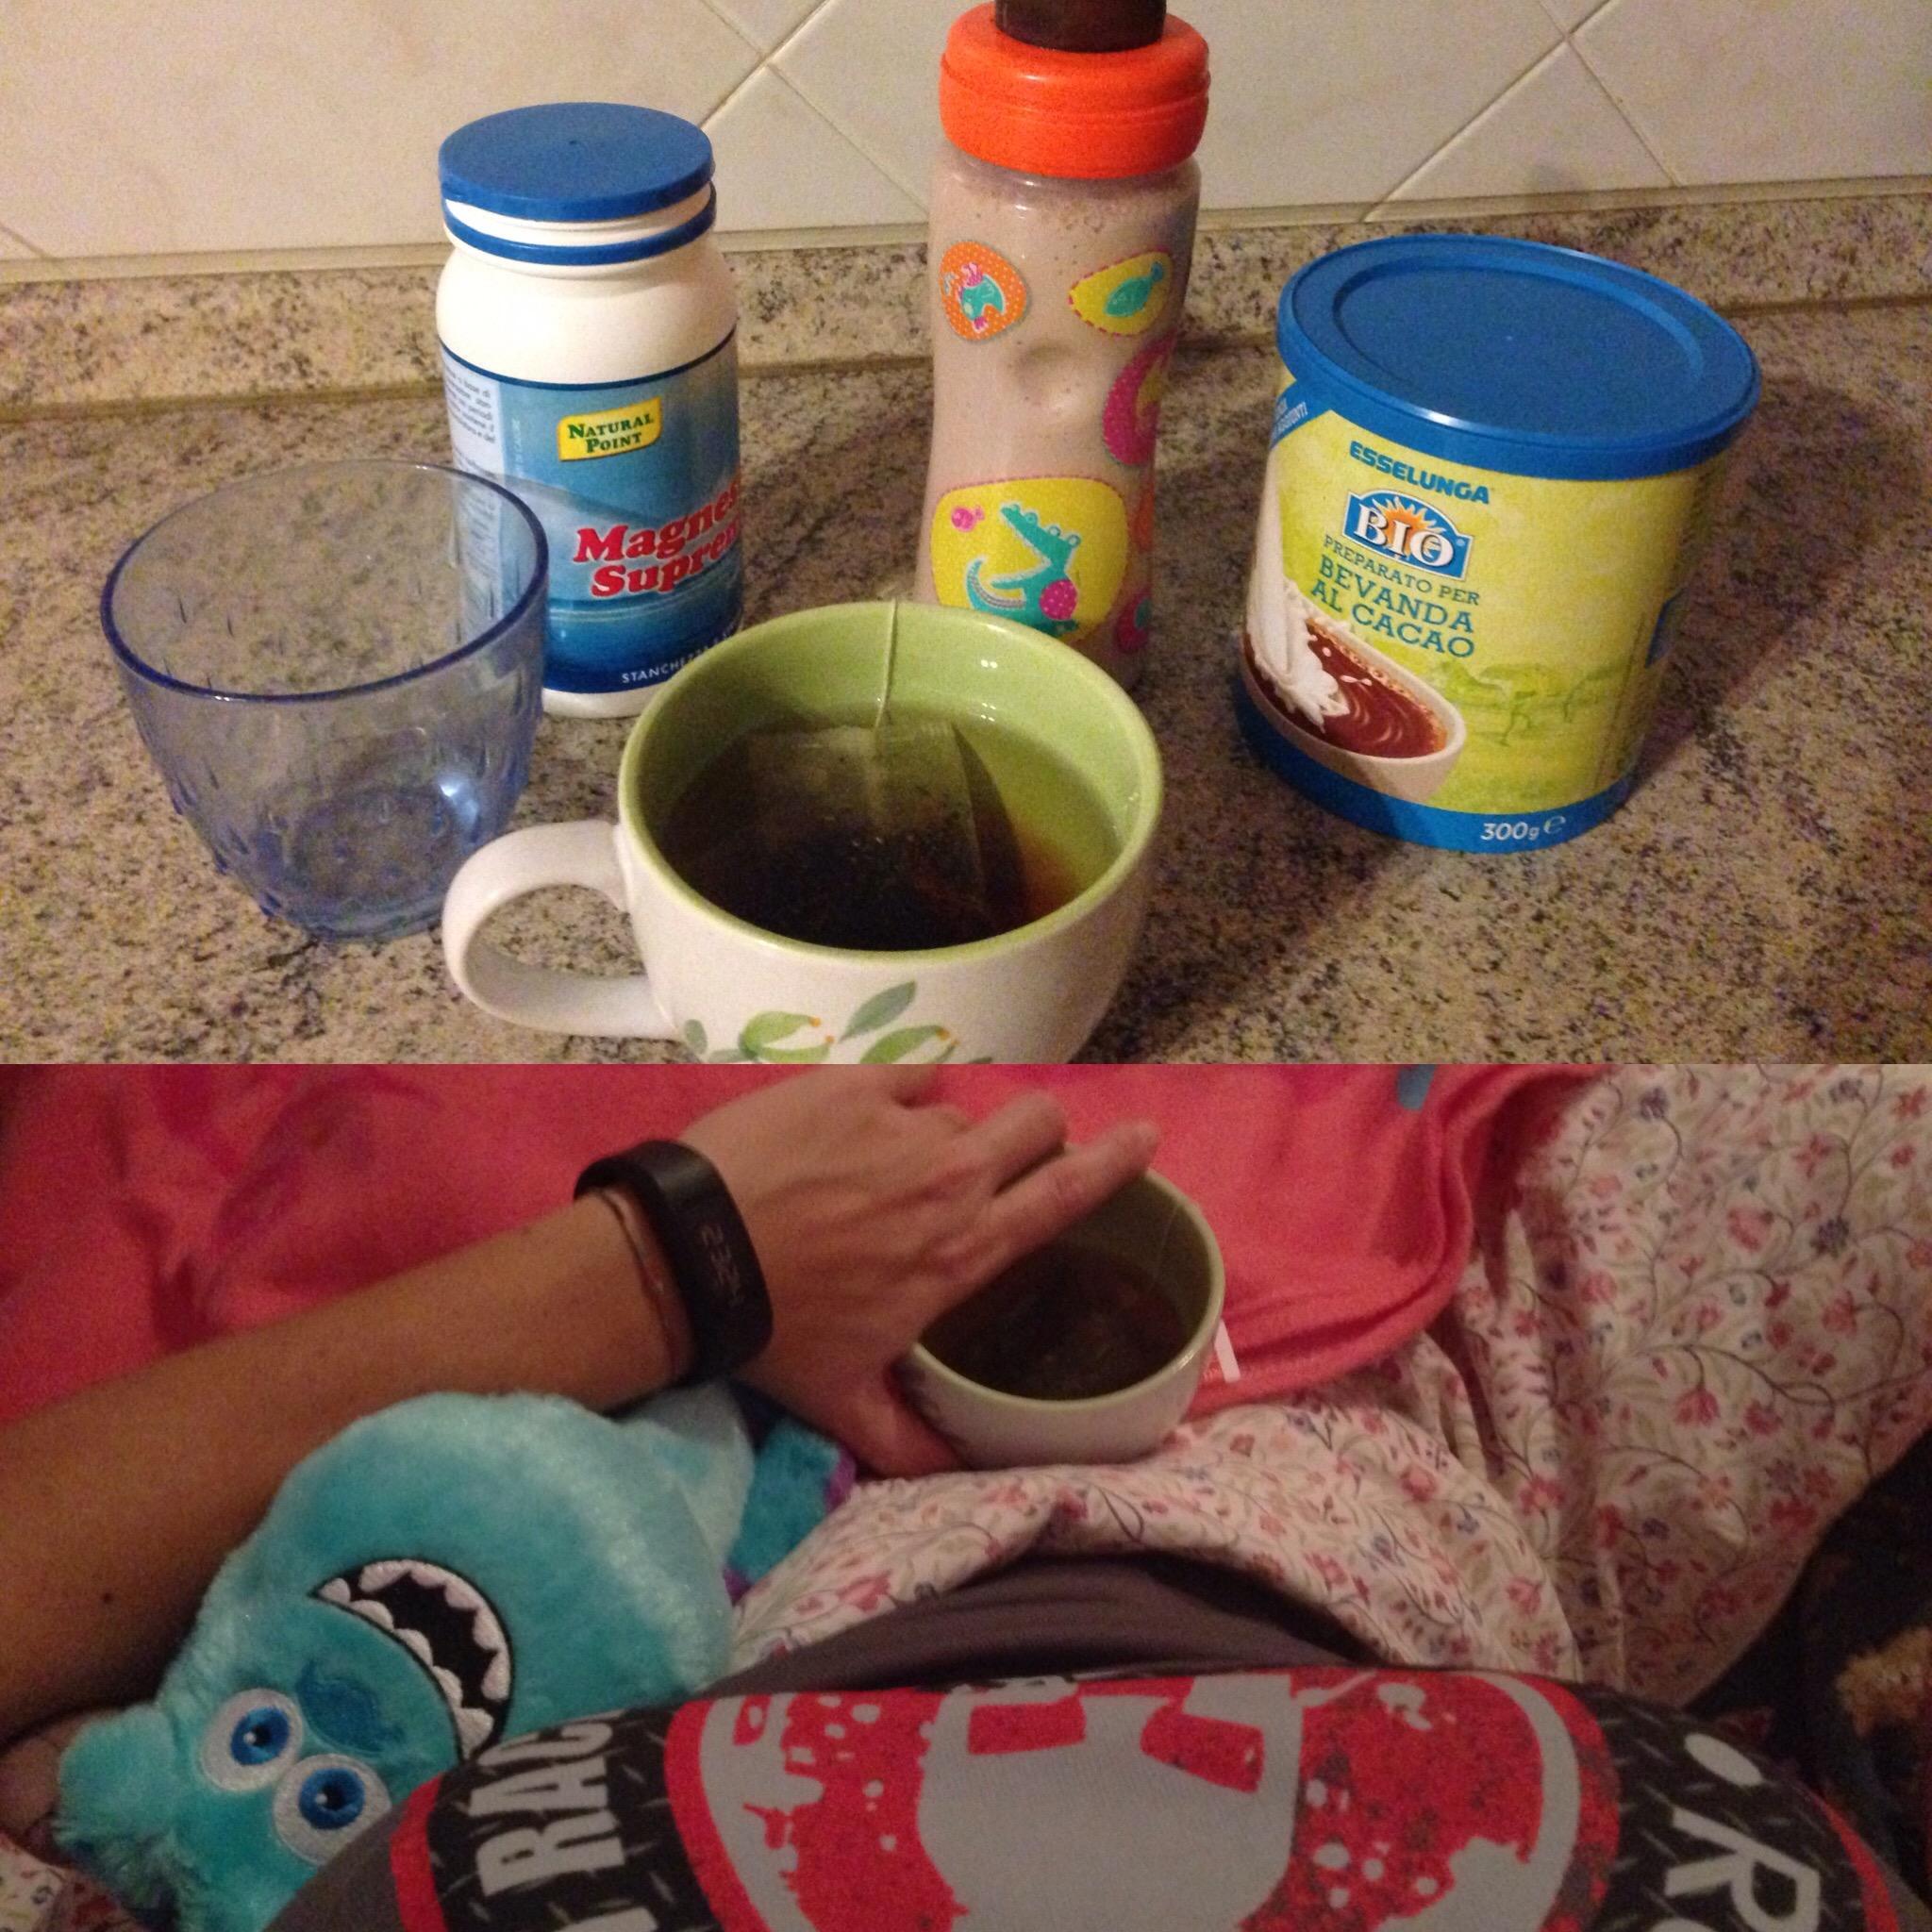 I nostri rituali prima di andare a dormire: magnesio supremo,e tisana per noi grandi e latte caldo per Adele